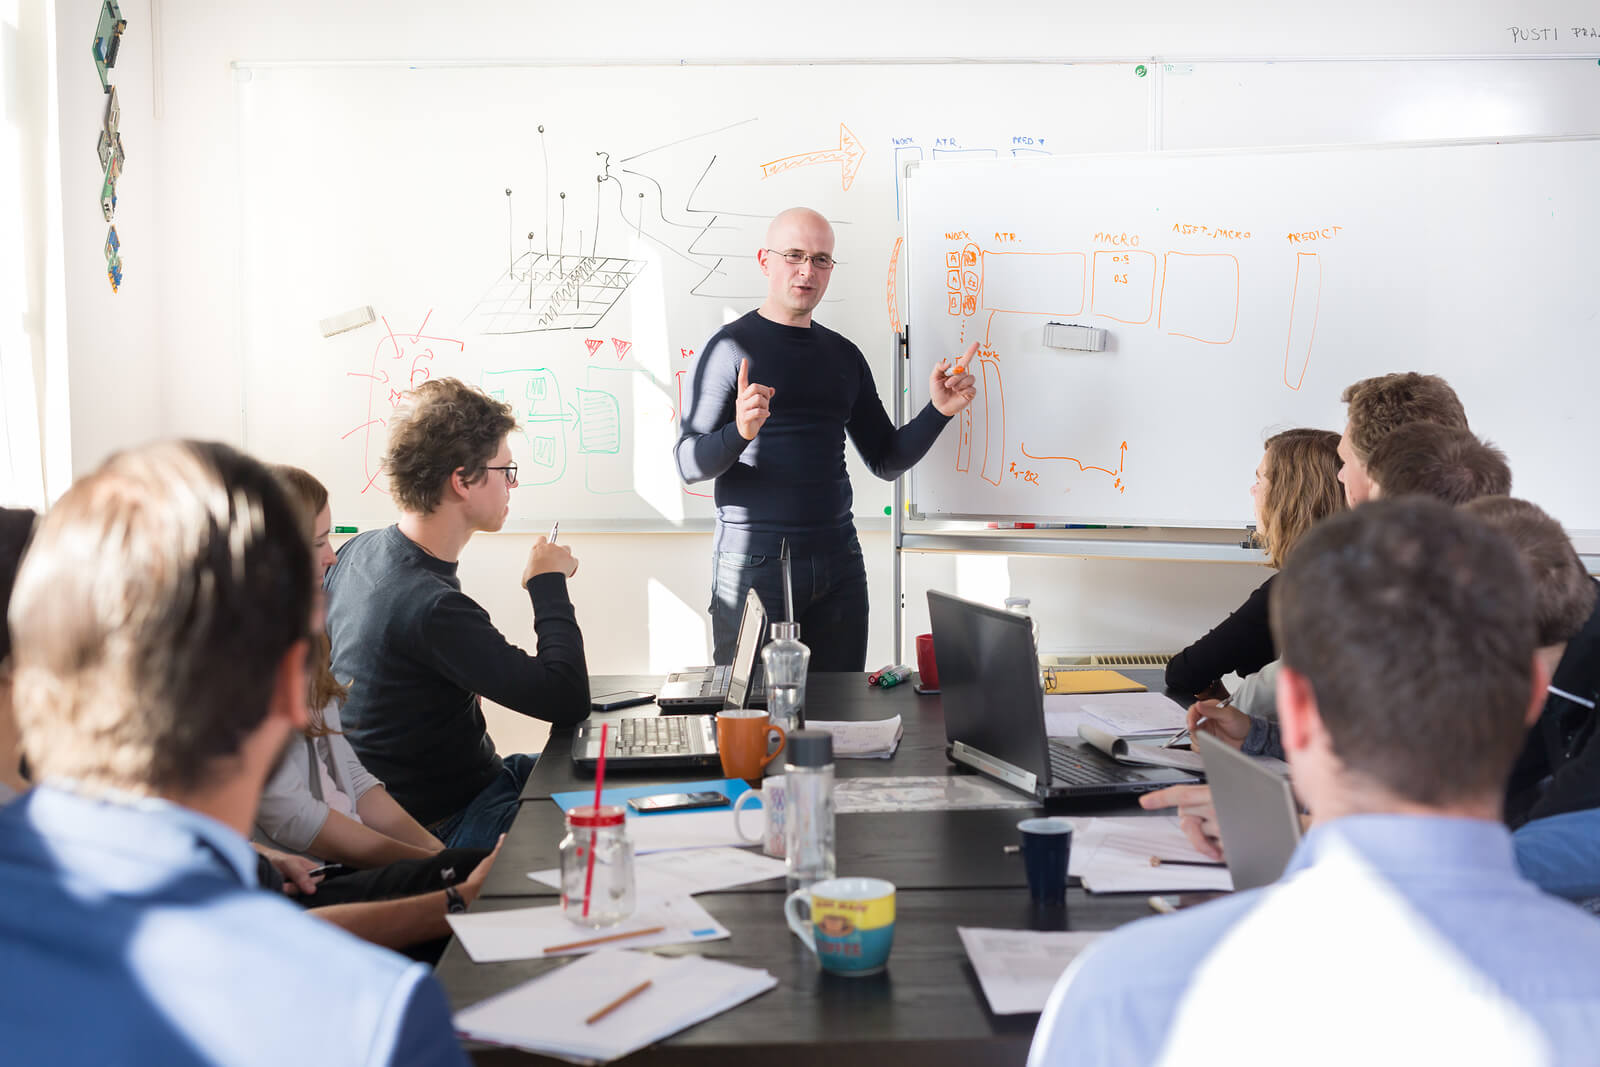 O método Scamper para potenciar a criatividade na empresa